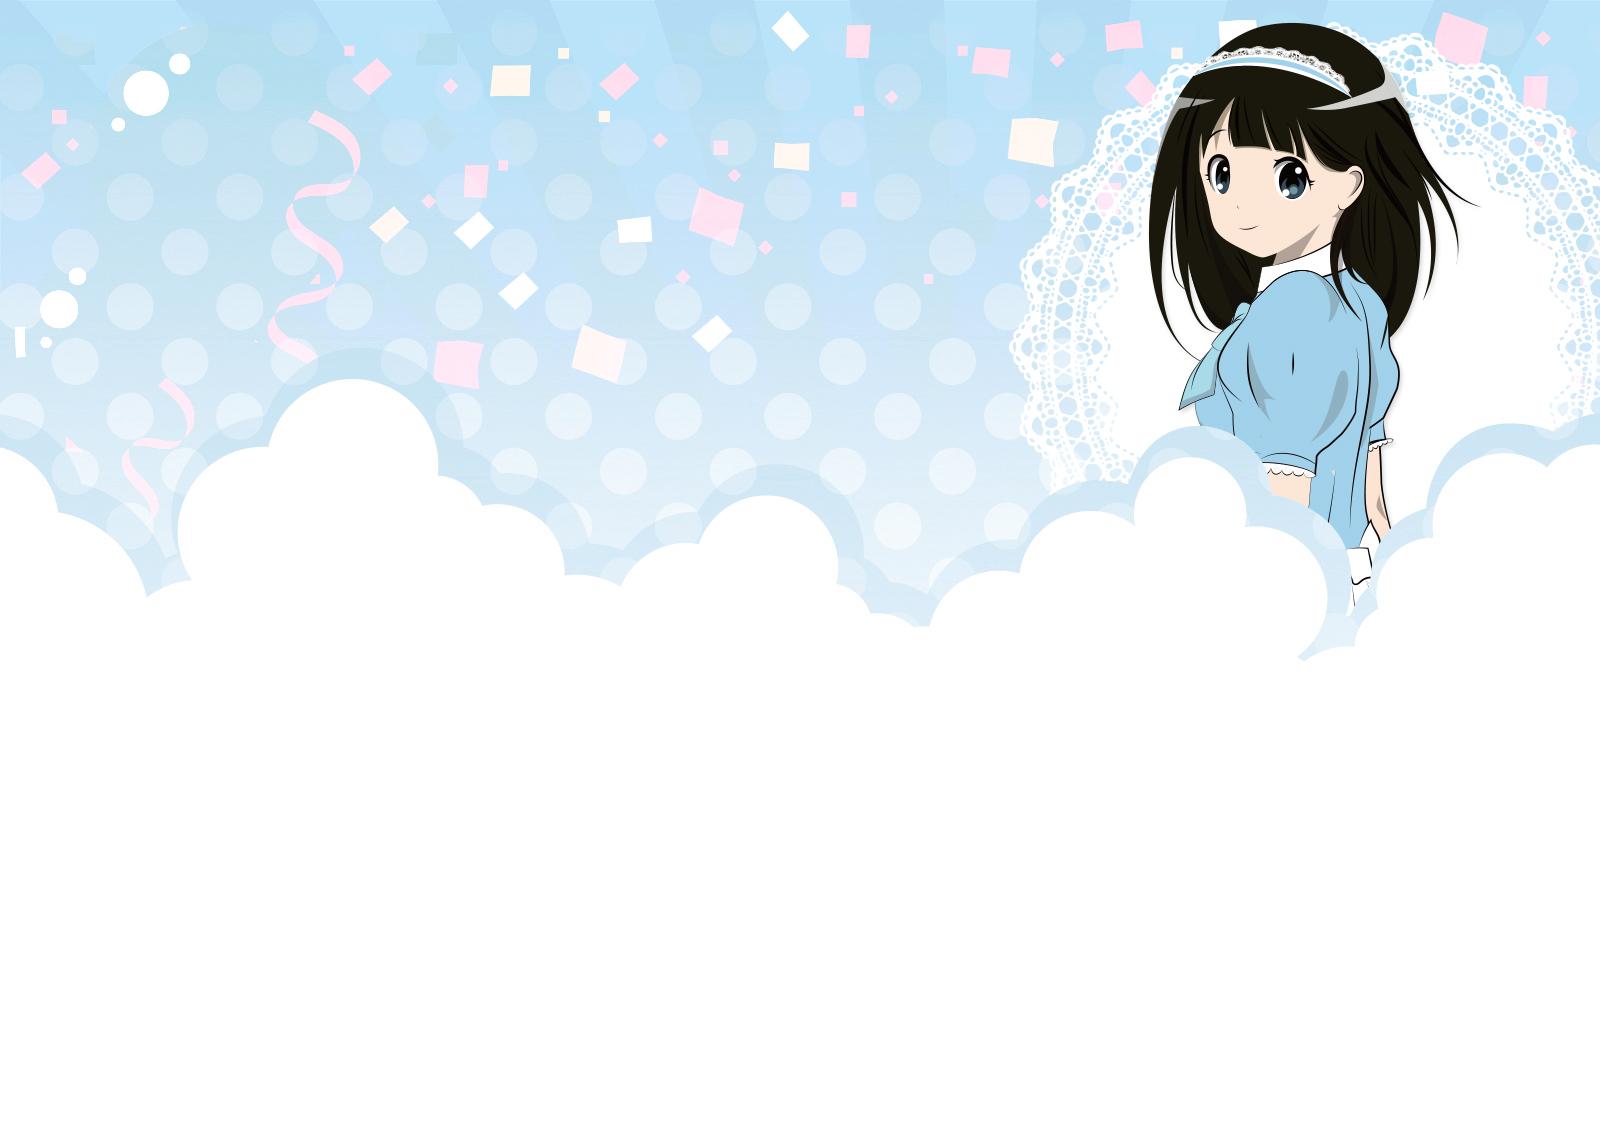 メイドカフェ&BAR Angel Dream | エンジェルドリーム